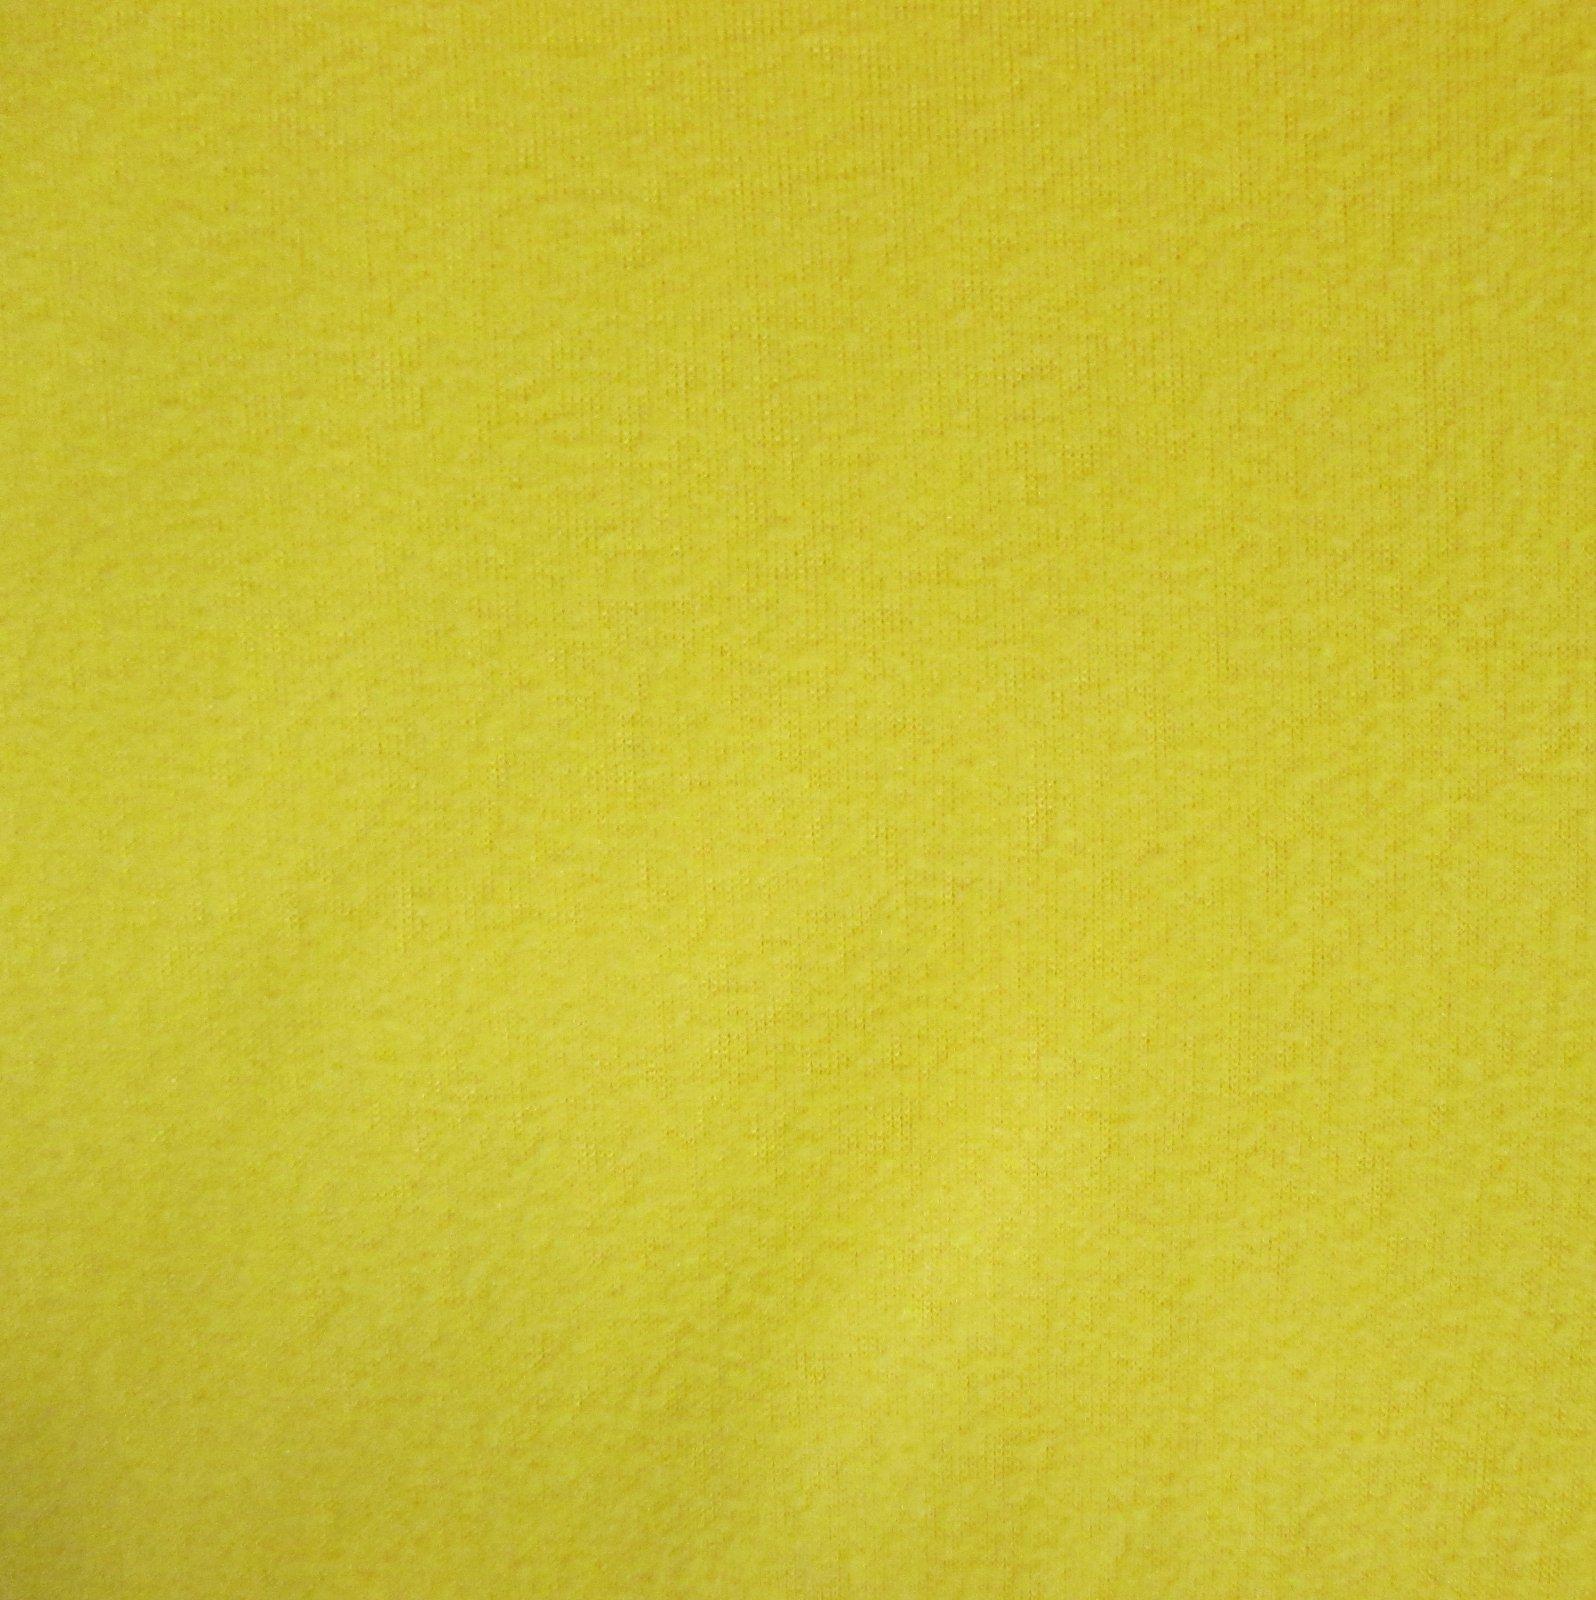 Solid Yellow Fleece